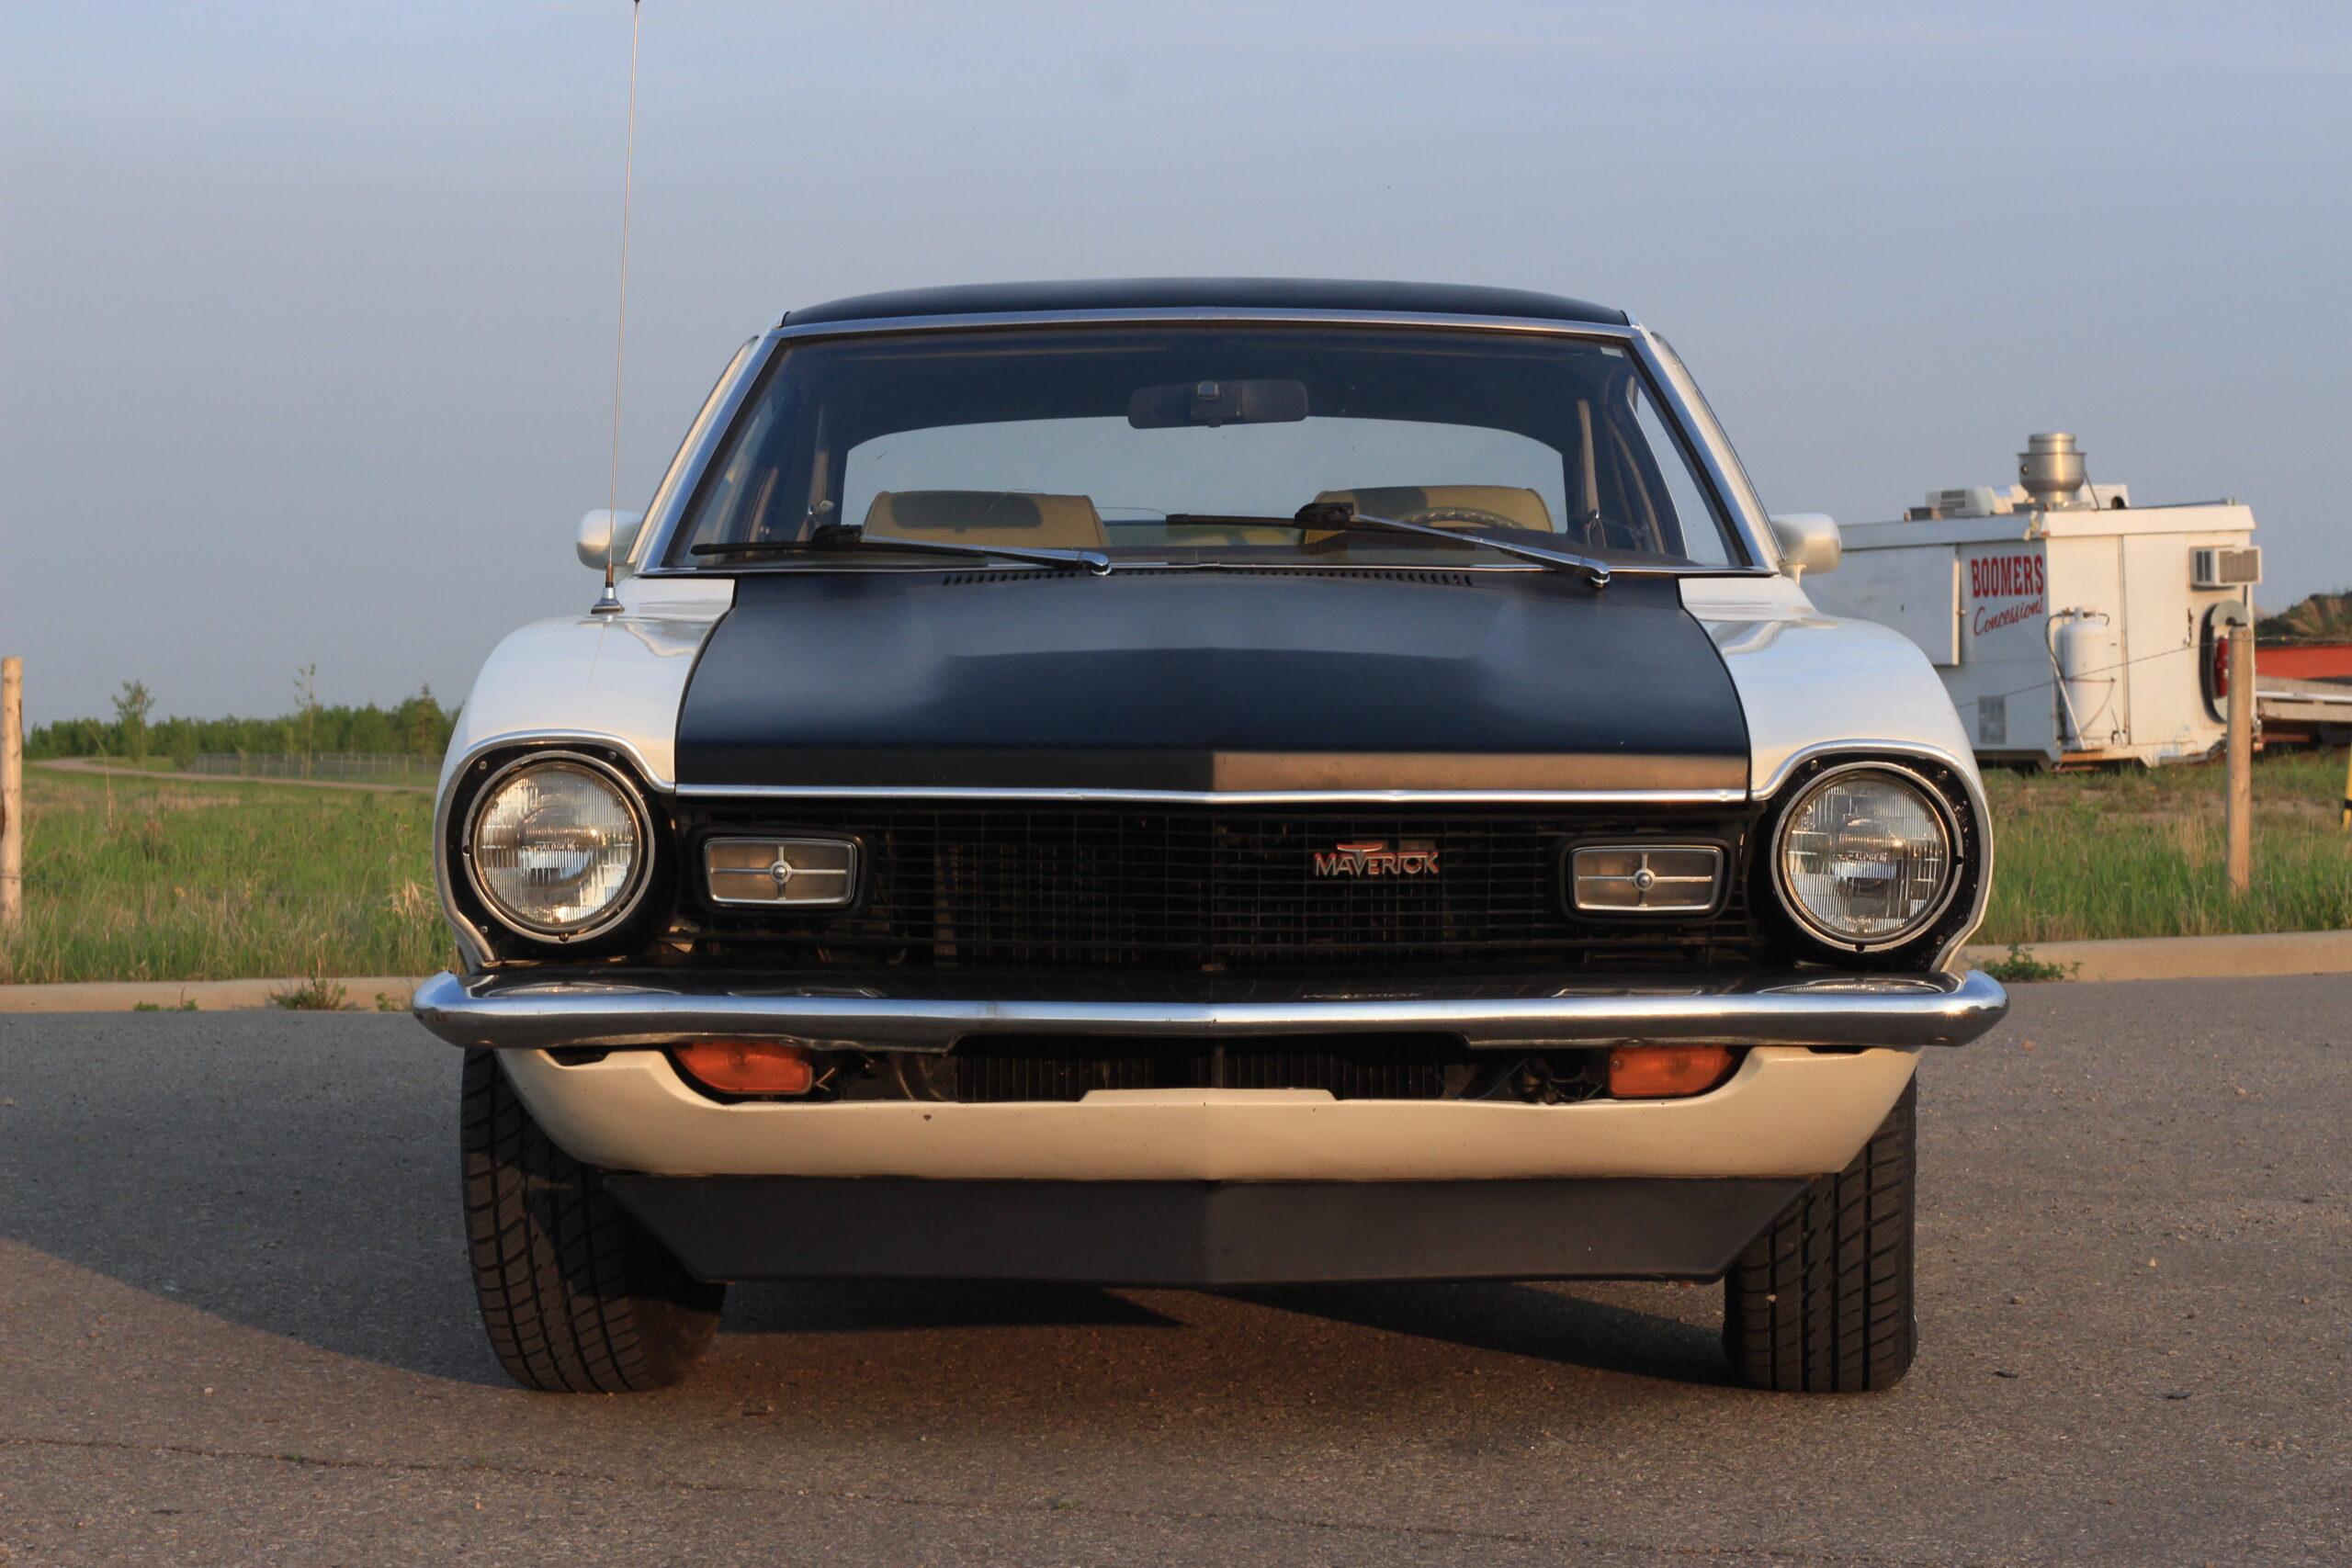 1974-Maverick-8